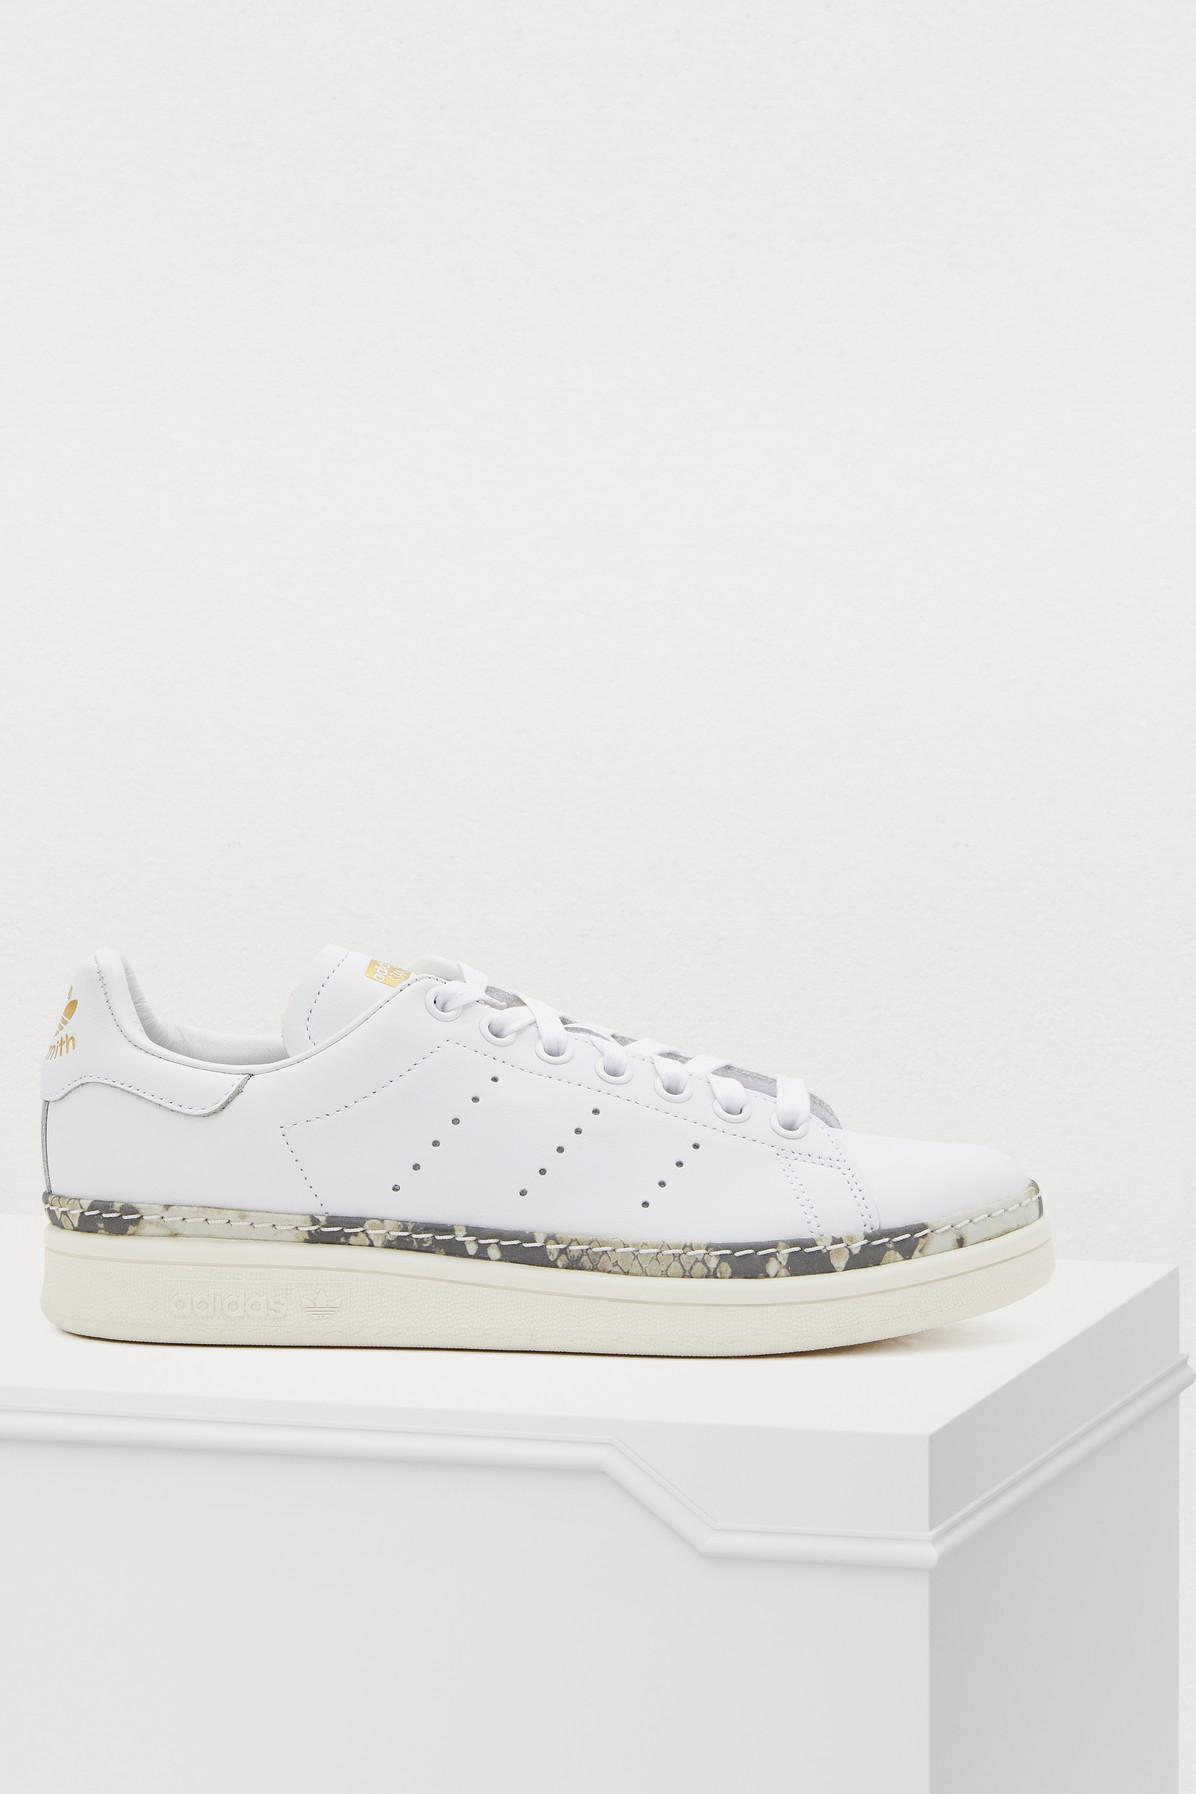 Adidas Originals Stan Smith New Bold Sneakers In Ftwbla/Blacas/Supcol